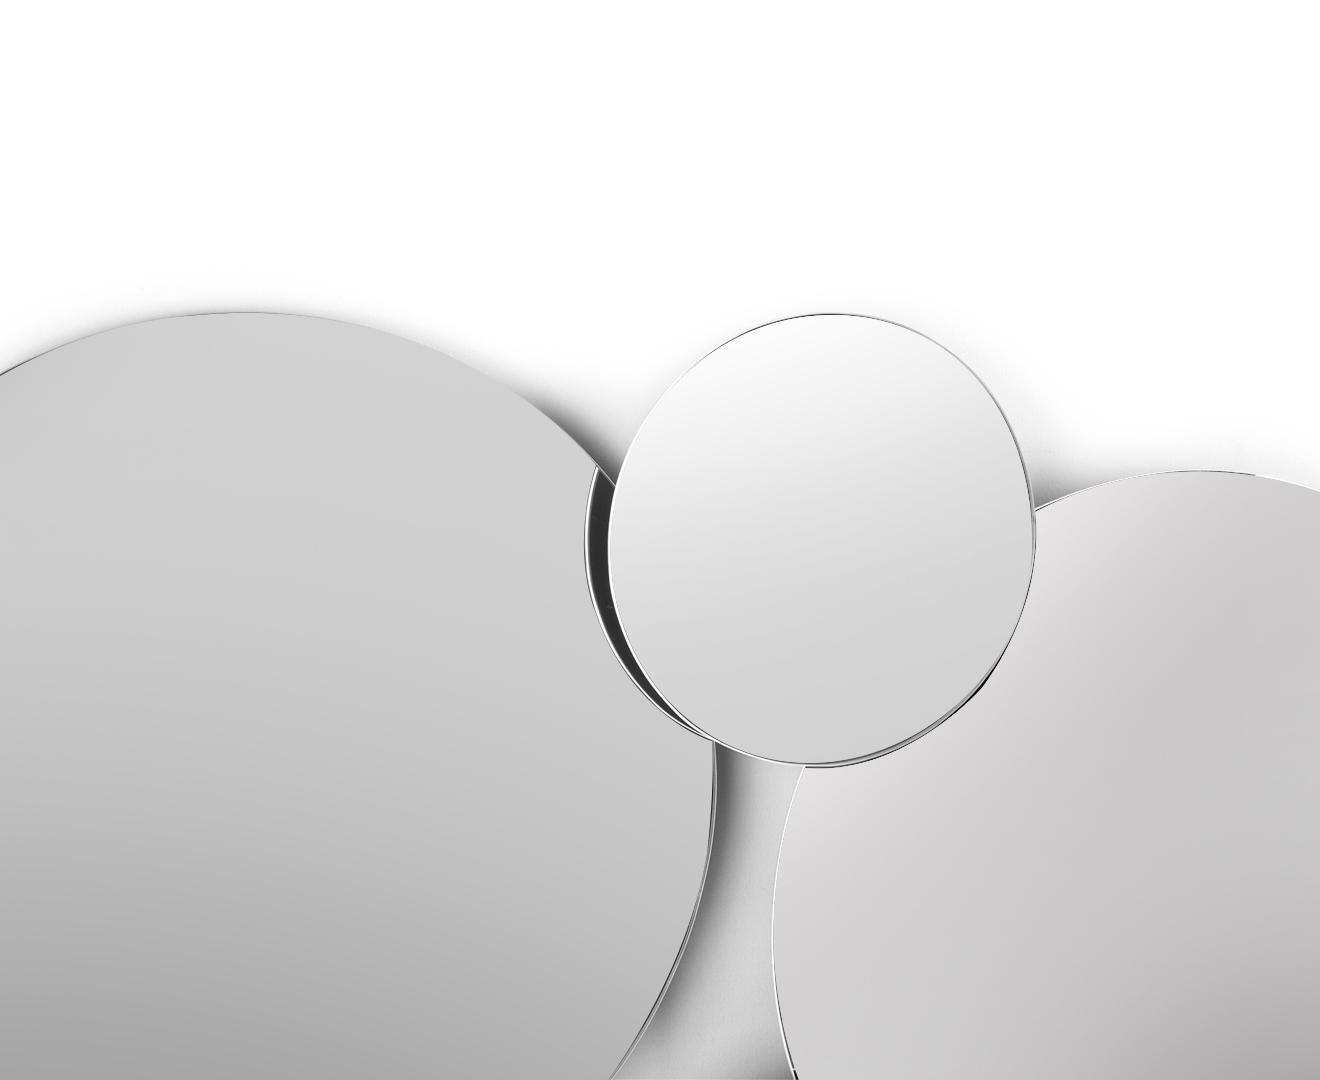 Umbra cumulus multi mirror clear ebay for Miroir umbra